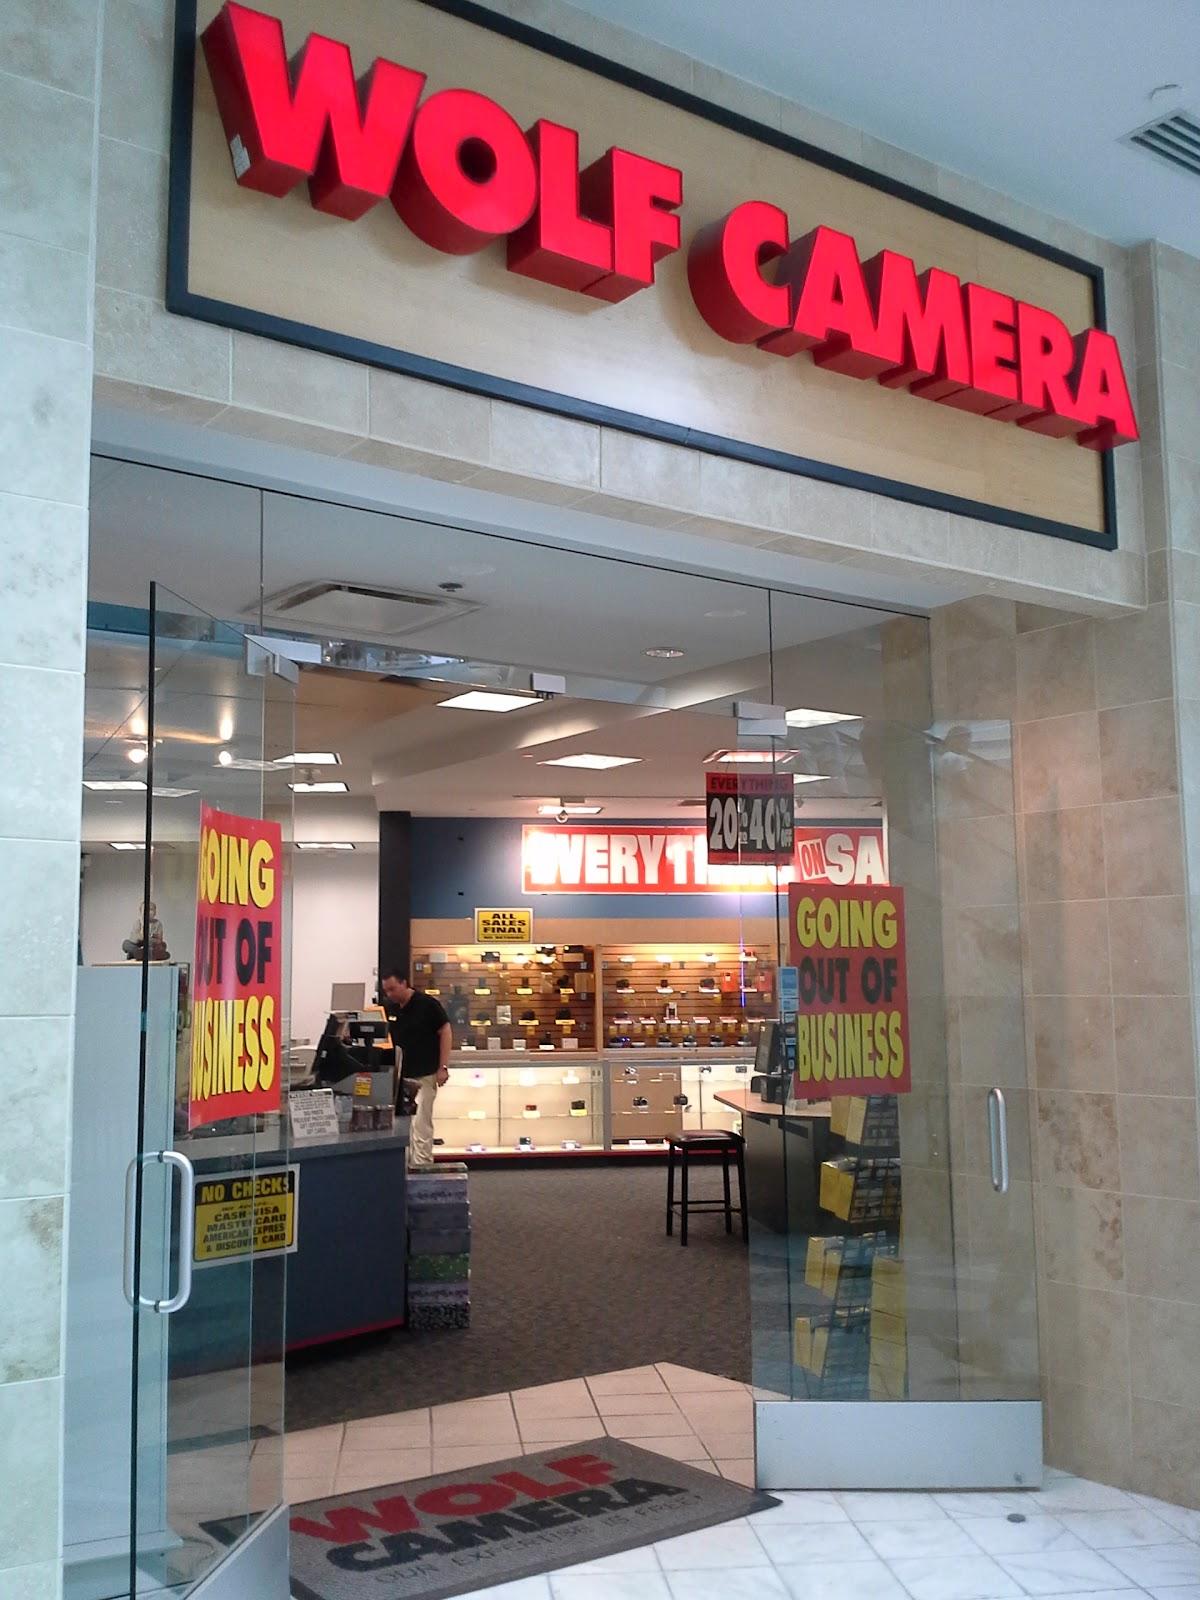 Tomorrow's News Today - Atlanta: Wolf & Ritz Camera Begin ...